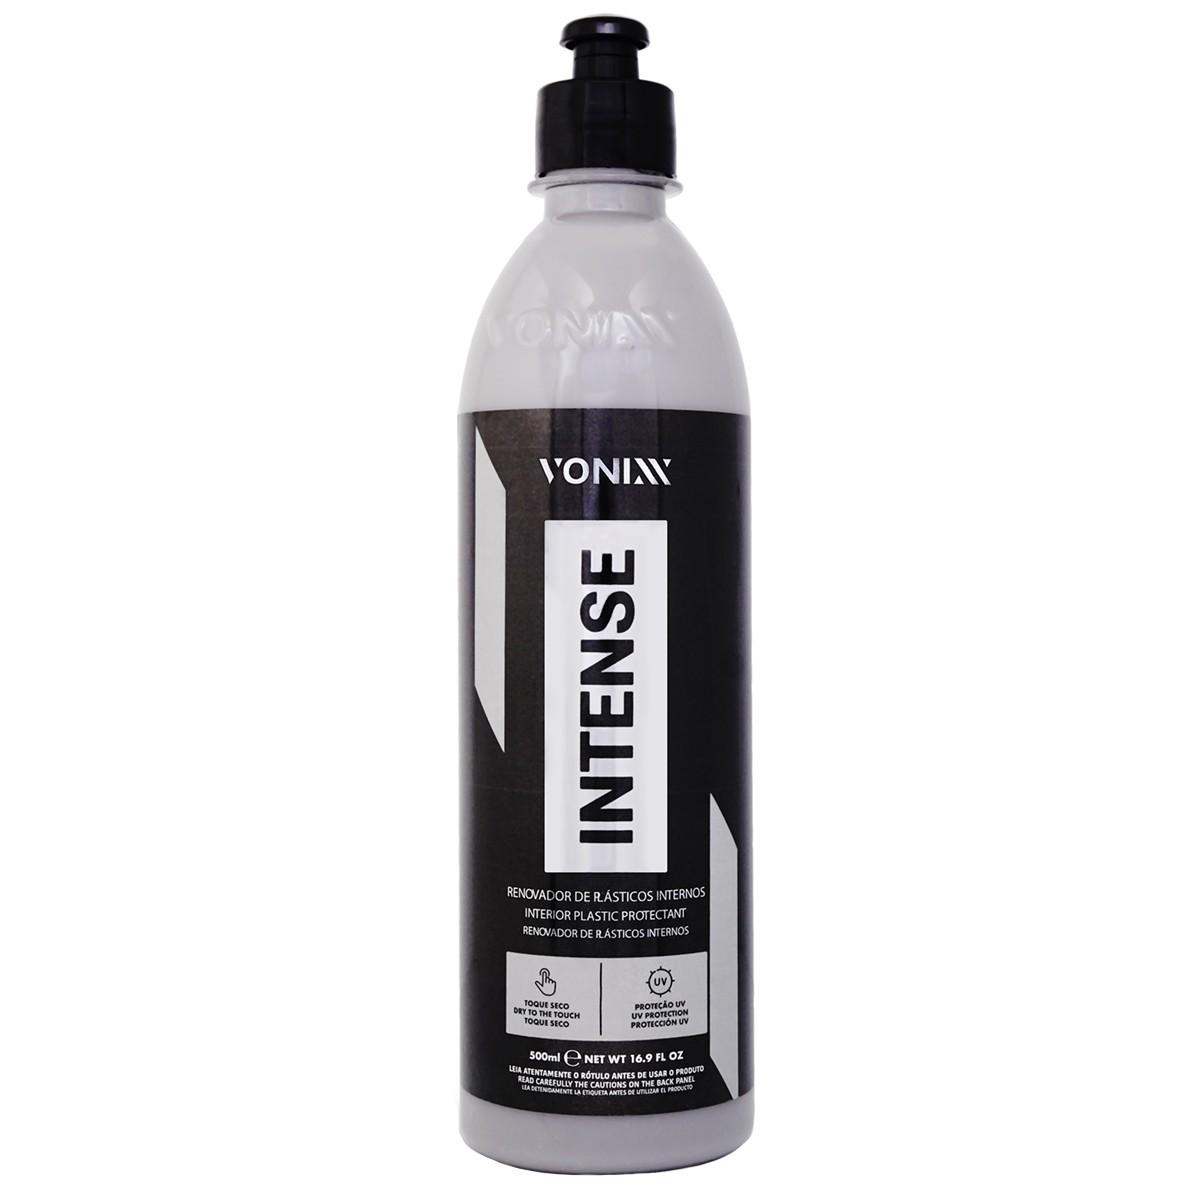 Vonixx Intense Renovador de Plásticos Internos com Proteção UV 500ml